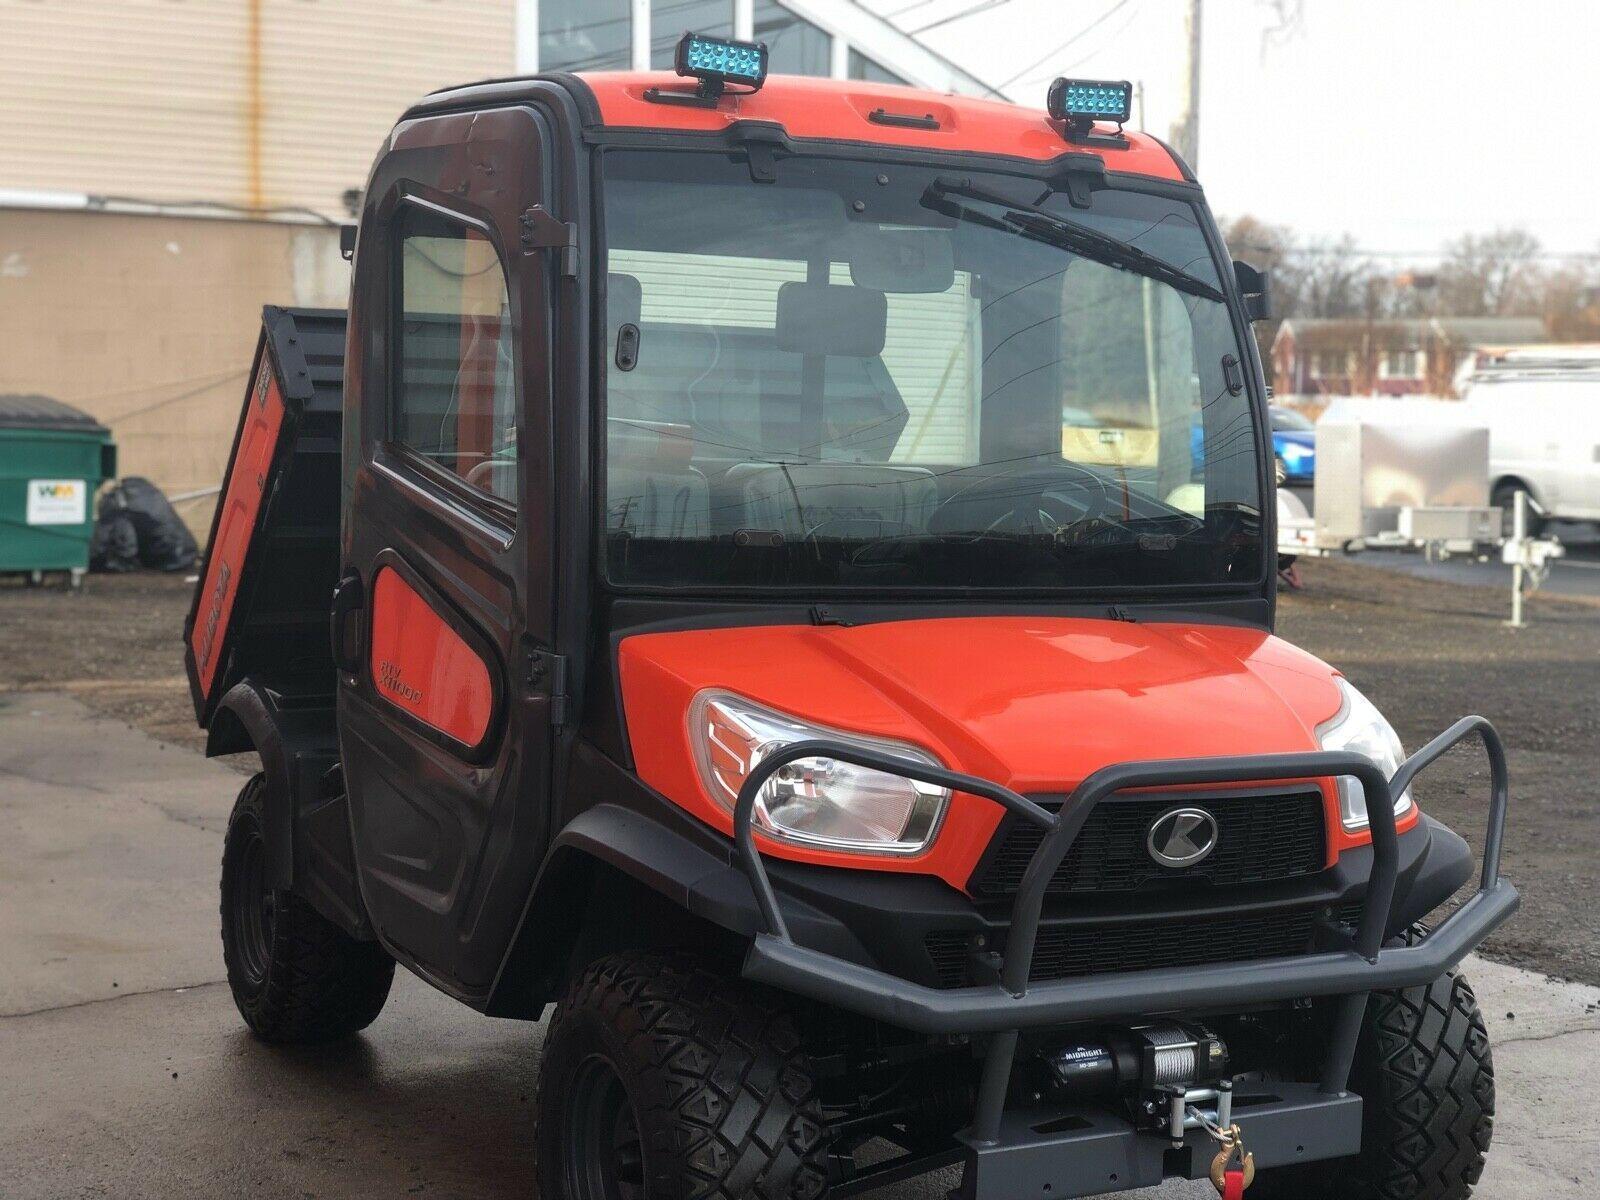 2017 Kubota RTV X1100C 4x4 Orange Baustelle, HYDRAULISCH, AC / WÄRME, MARKE NEUE WINKEL